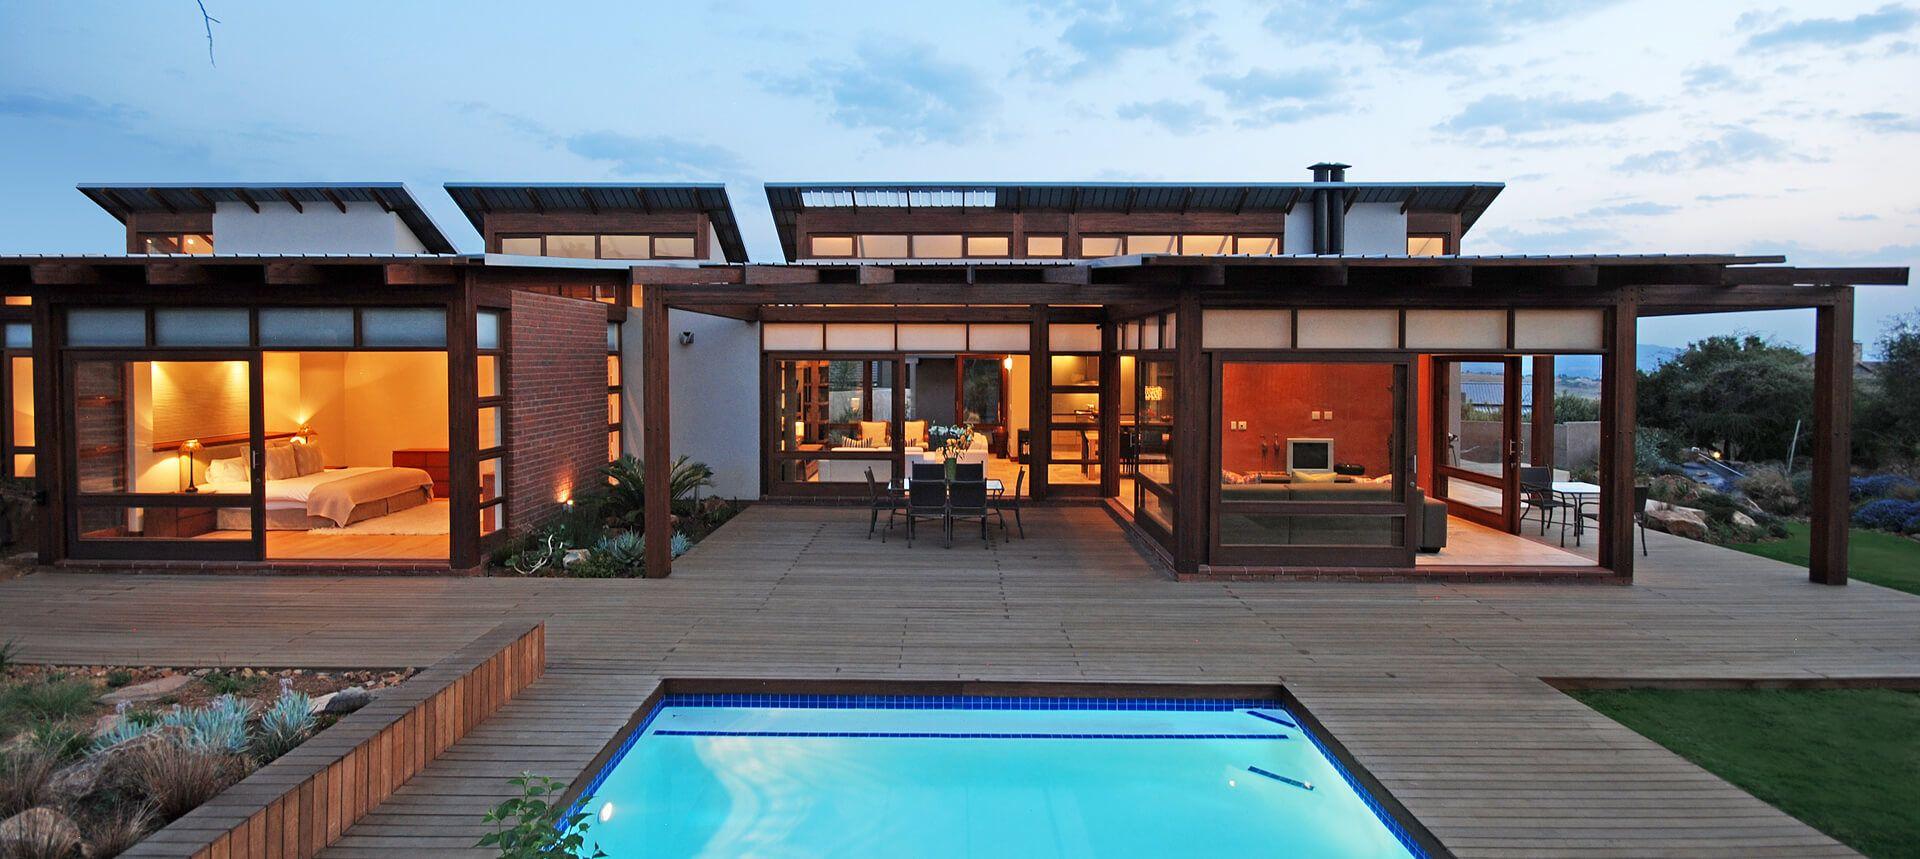 Architects Johannesburg South Africa Hugo Hamity Architect